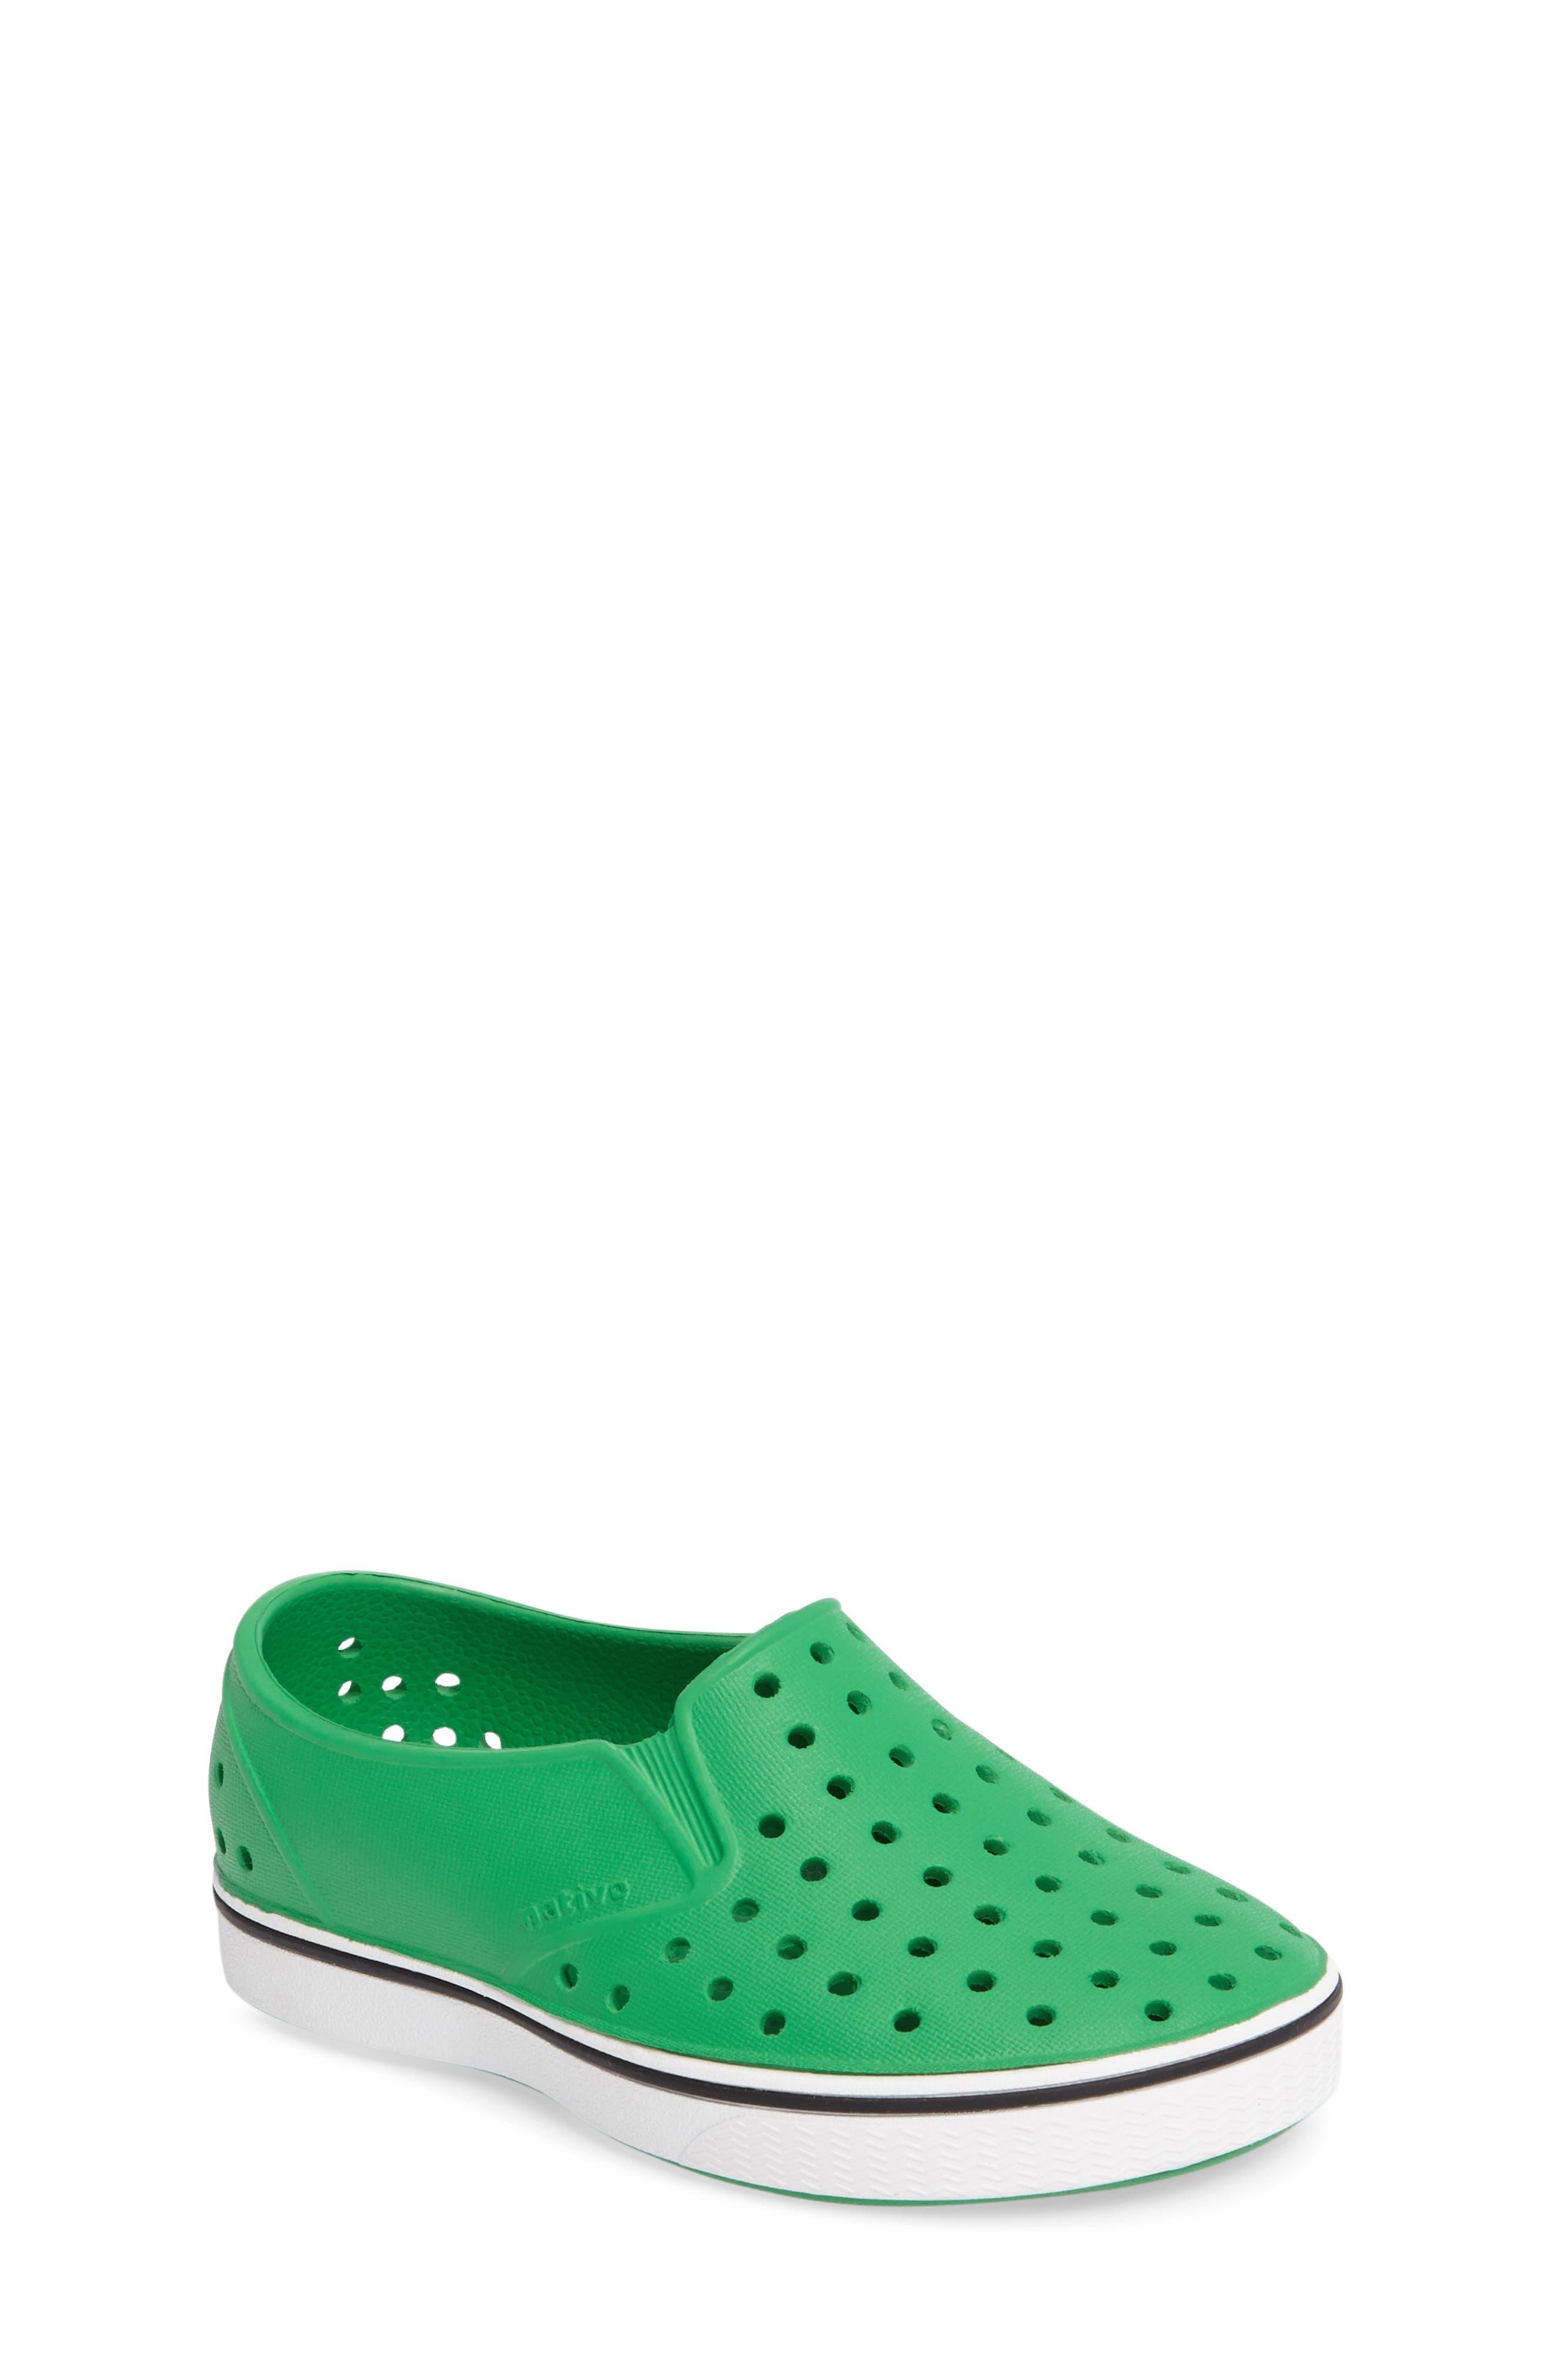 Native Shoes Miles Slip-On Sneaker (Baby, Walker, Toddler & Little Kid)